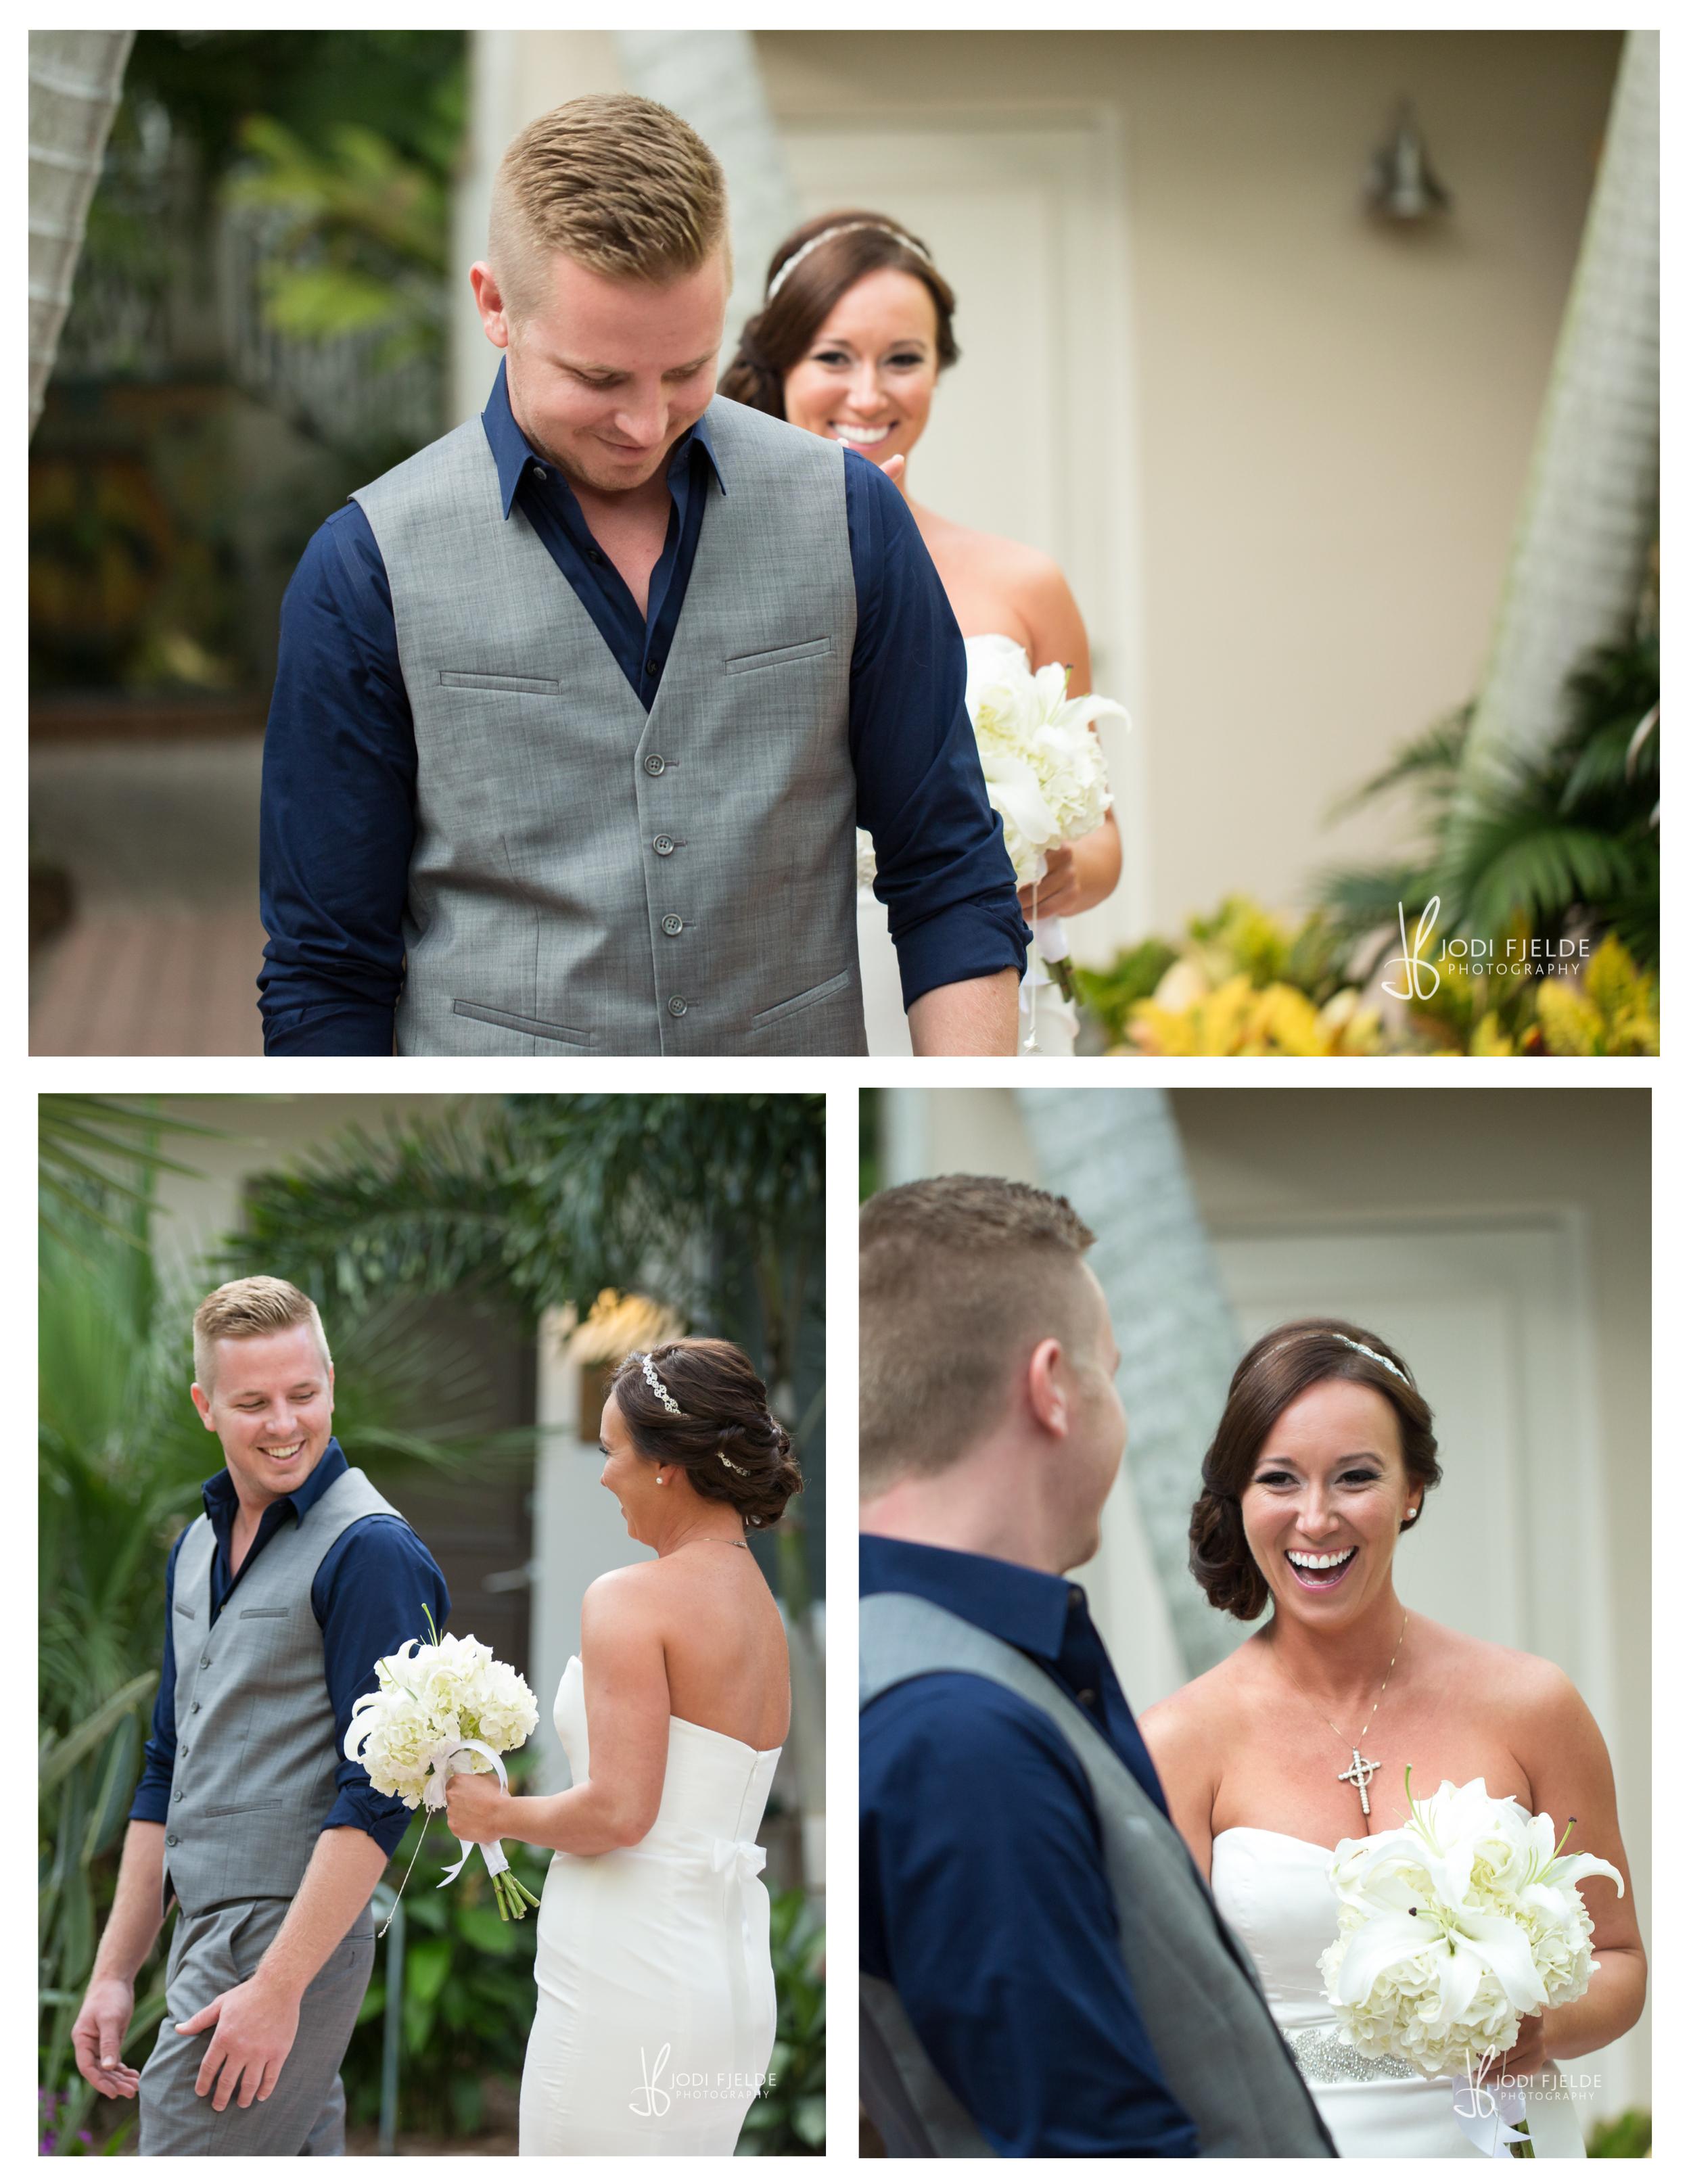 Cranes_Beach_House_Delray_Beach_wedding_carolyn_Dylan_married8.jpg